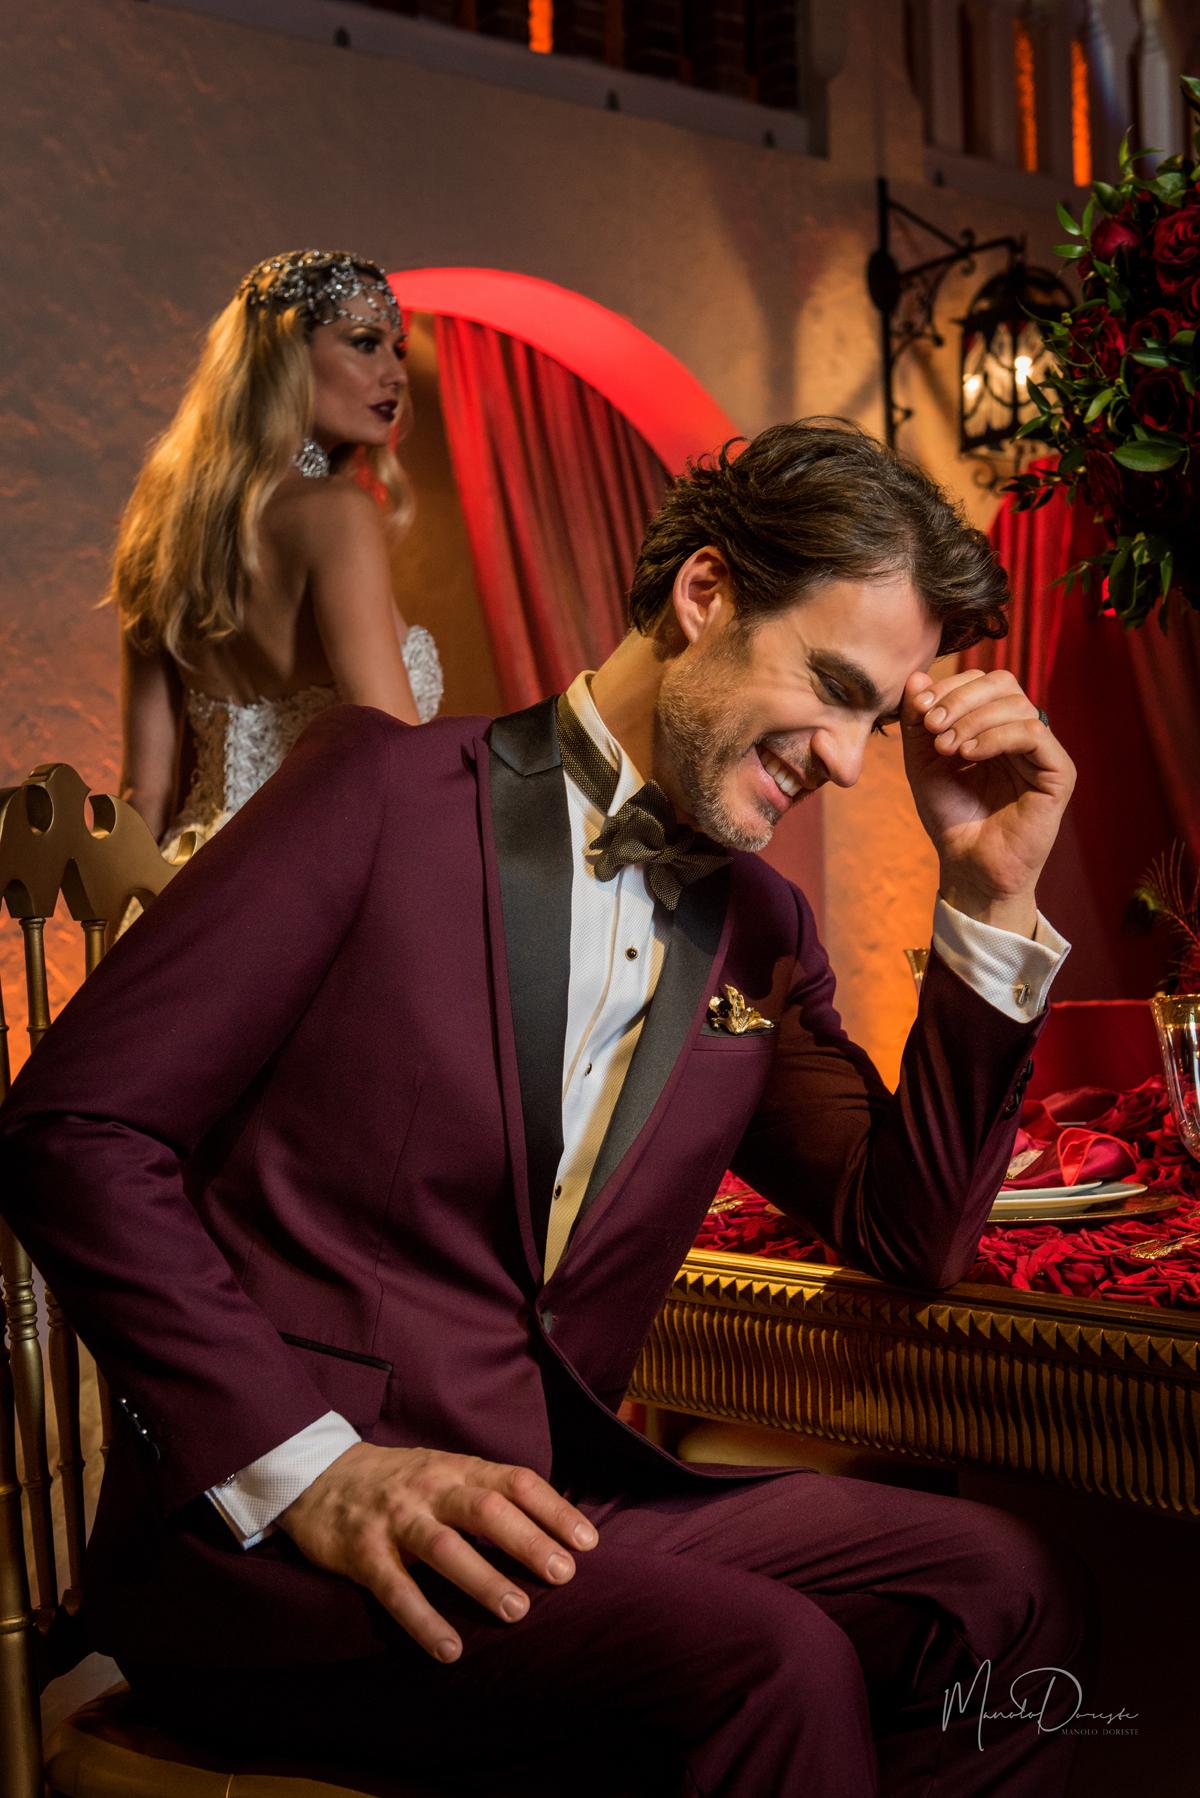 versace-mansion-wedding-manolo-doreste-31.jpg